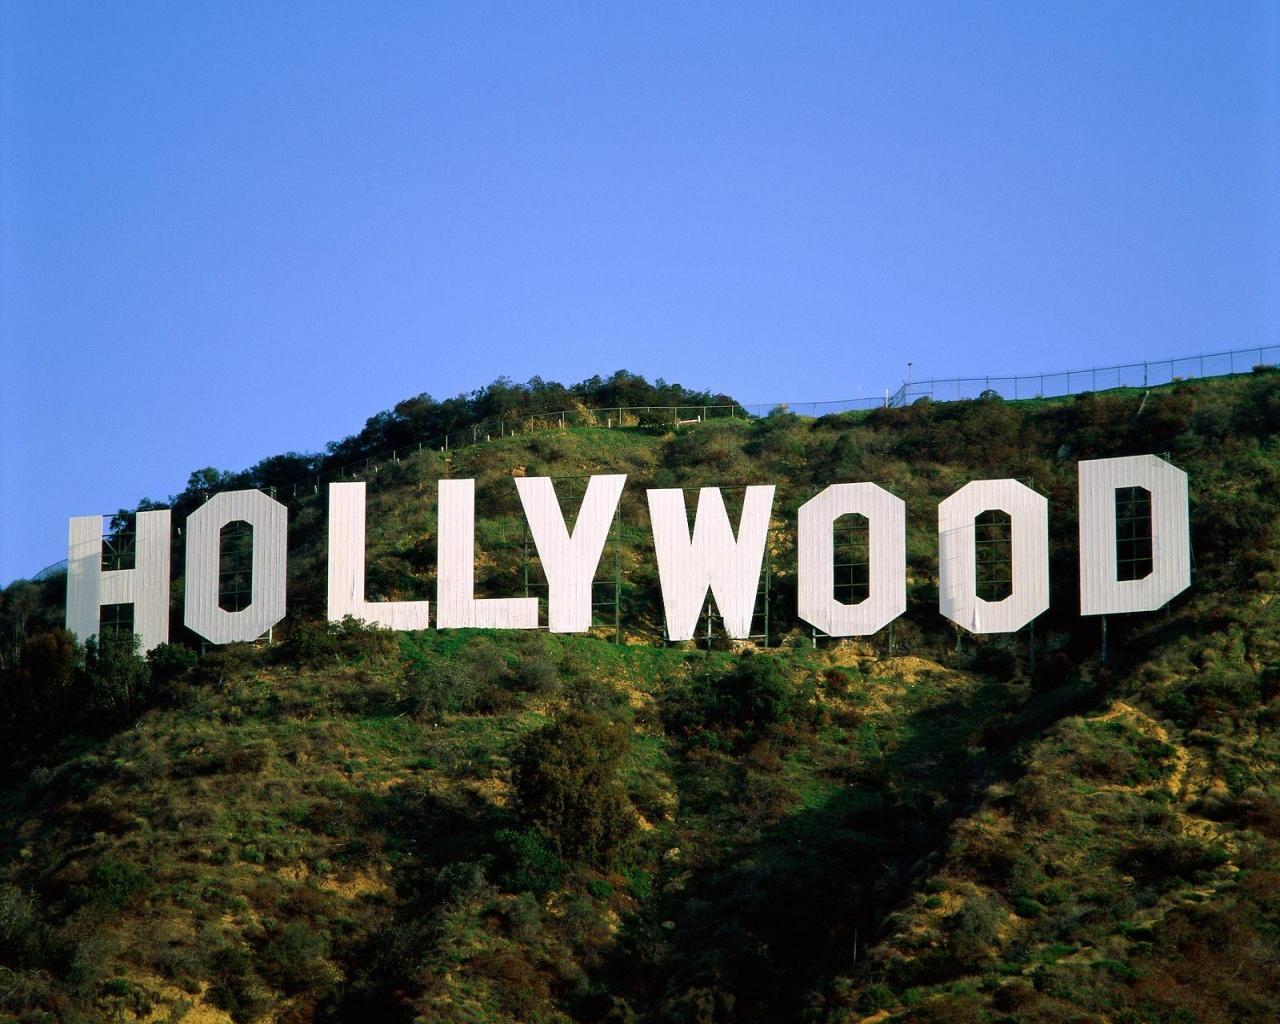 زن در هالیوود تاریخ مصرف دارد!